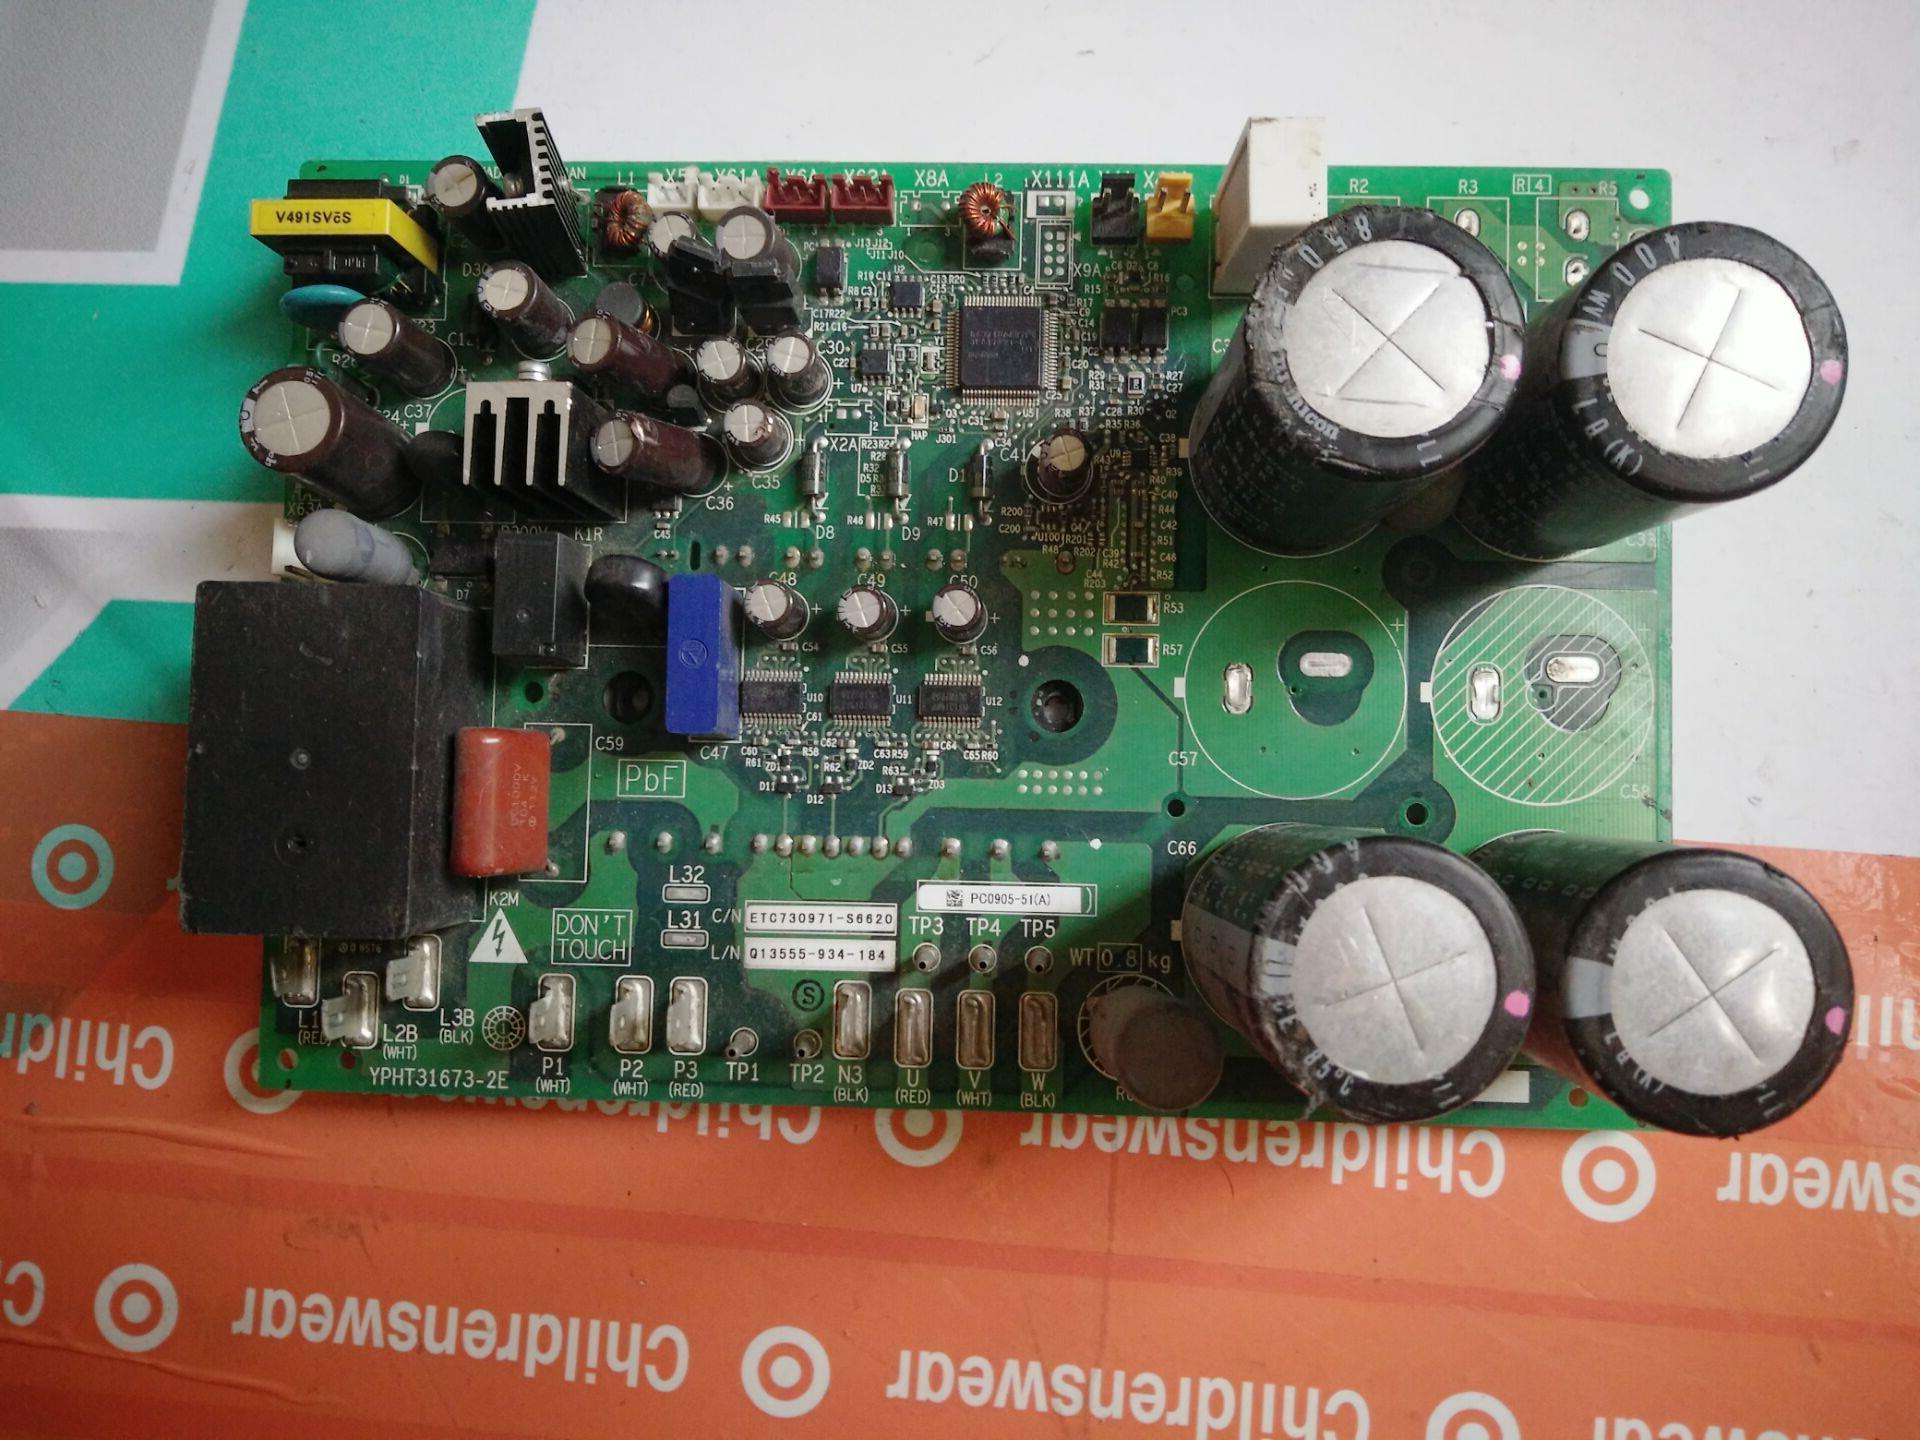 Original - Daikin klimaanlagen - PC0905-51A getestet haben, die häufigkeit von platten sy1